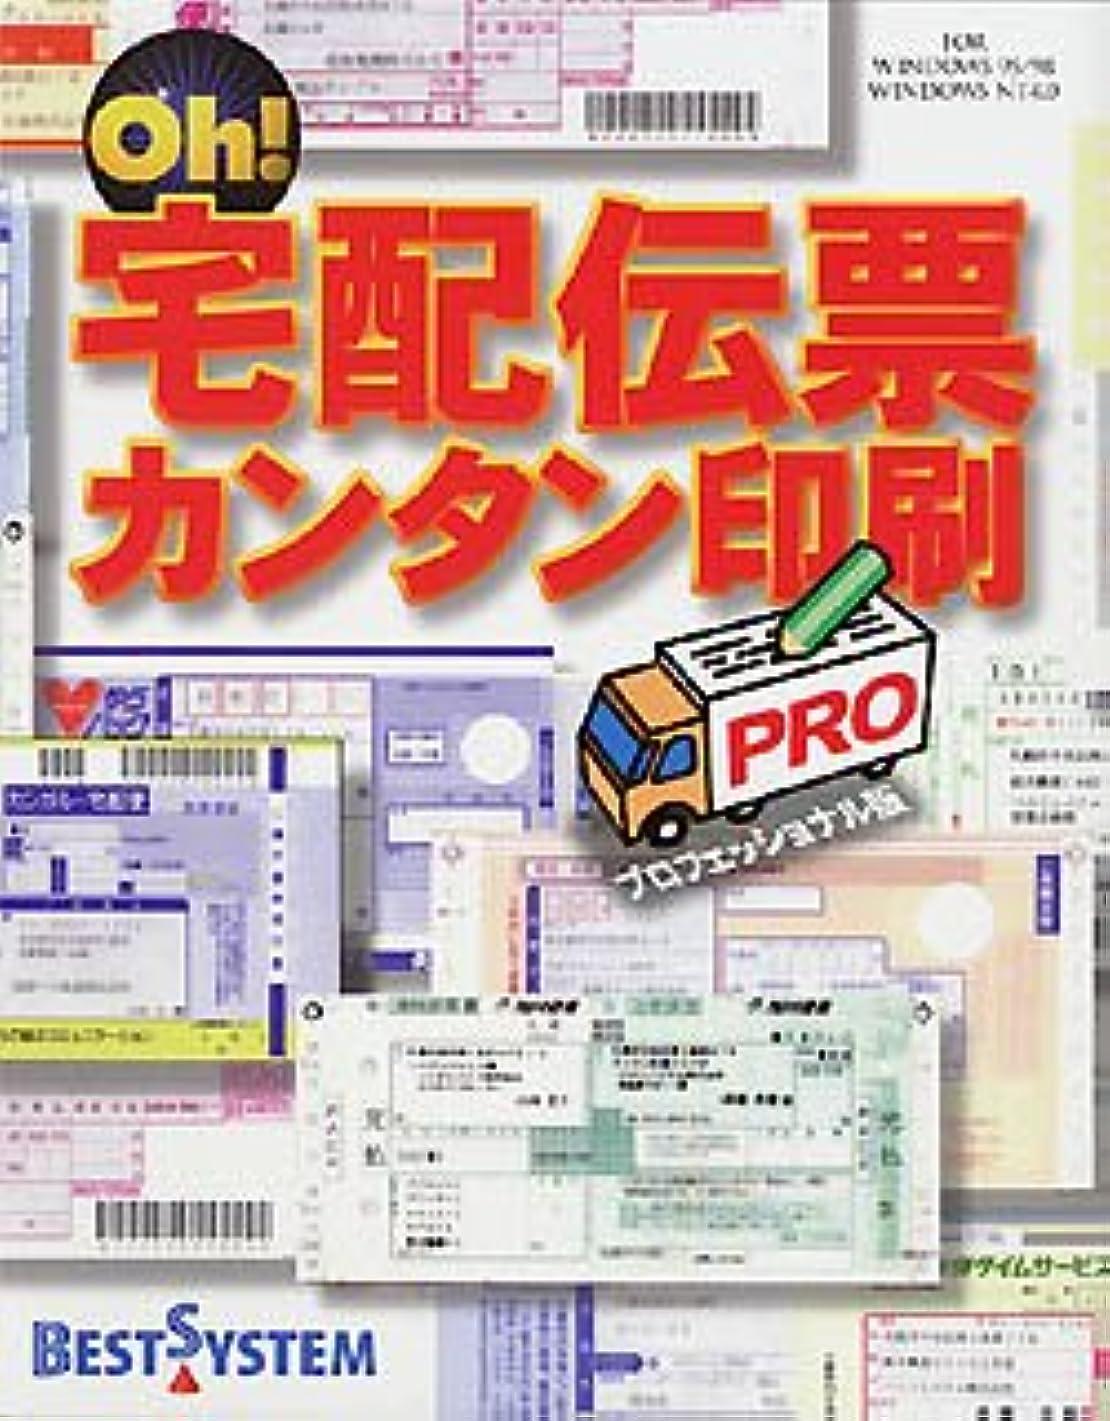 メモポジション結核Oh! 宅配伝票カンタン印刷Pro